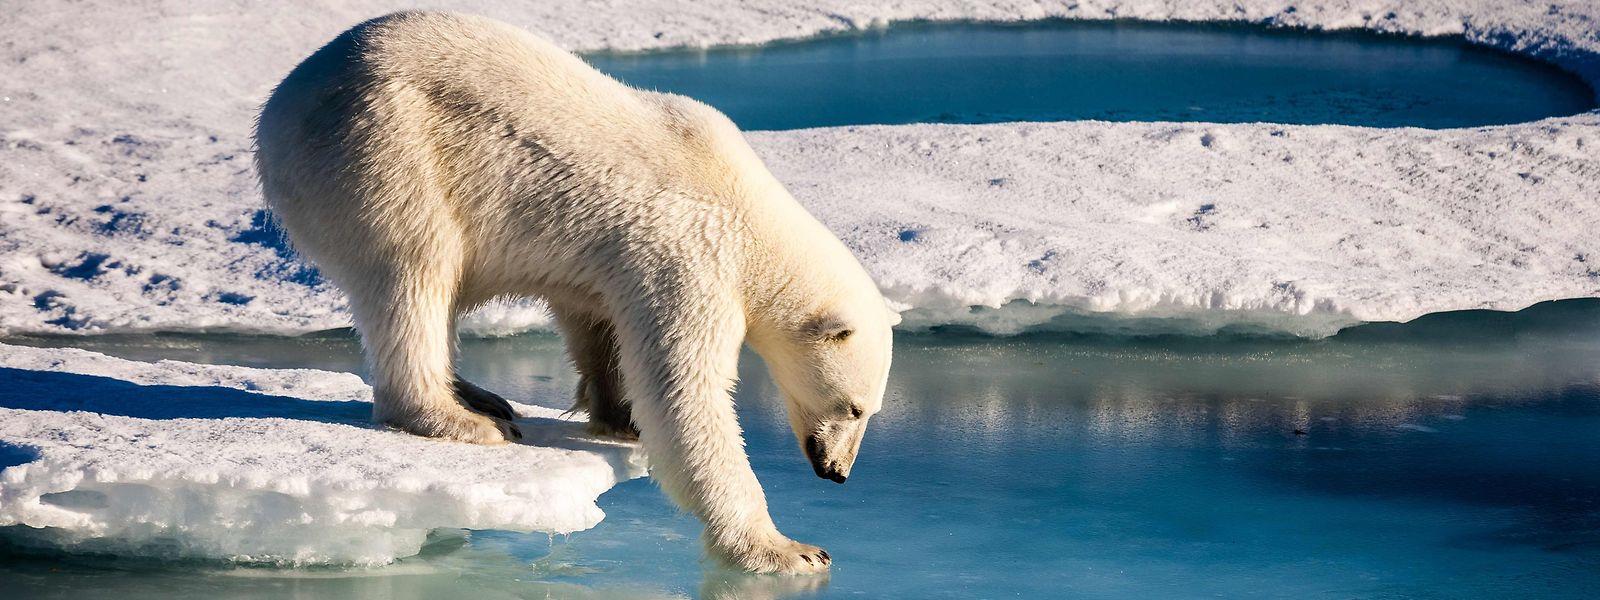 Einig sind sich die meisten Forscher, dass die Welt, ohne zusätzliche Anstrengungen, auf 3 bis 4 Grad Erwärmung zusteuert.